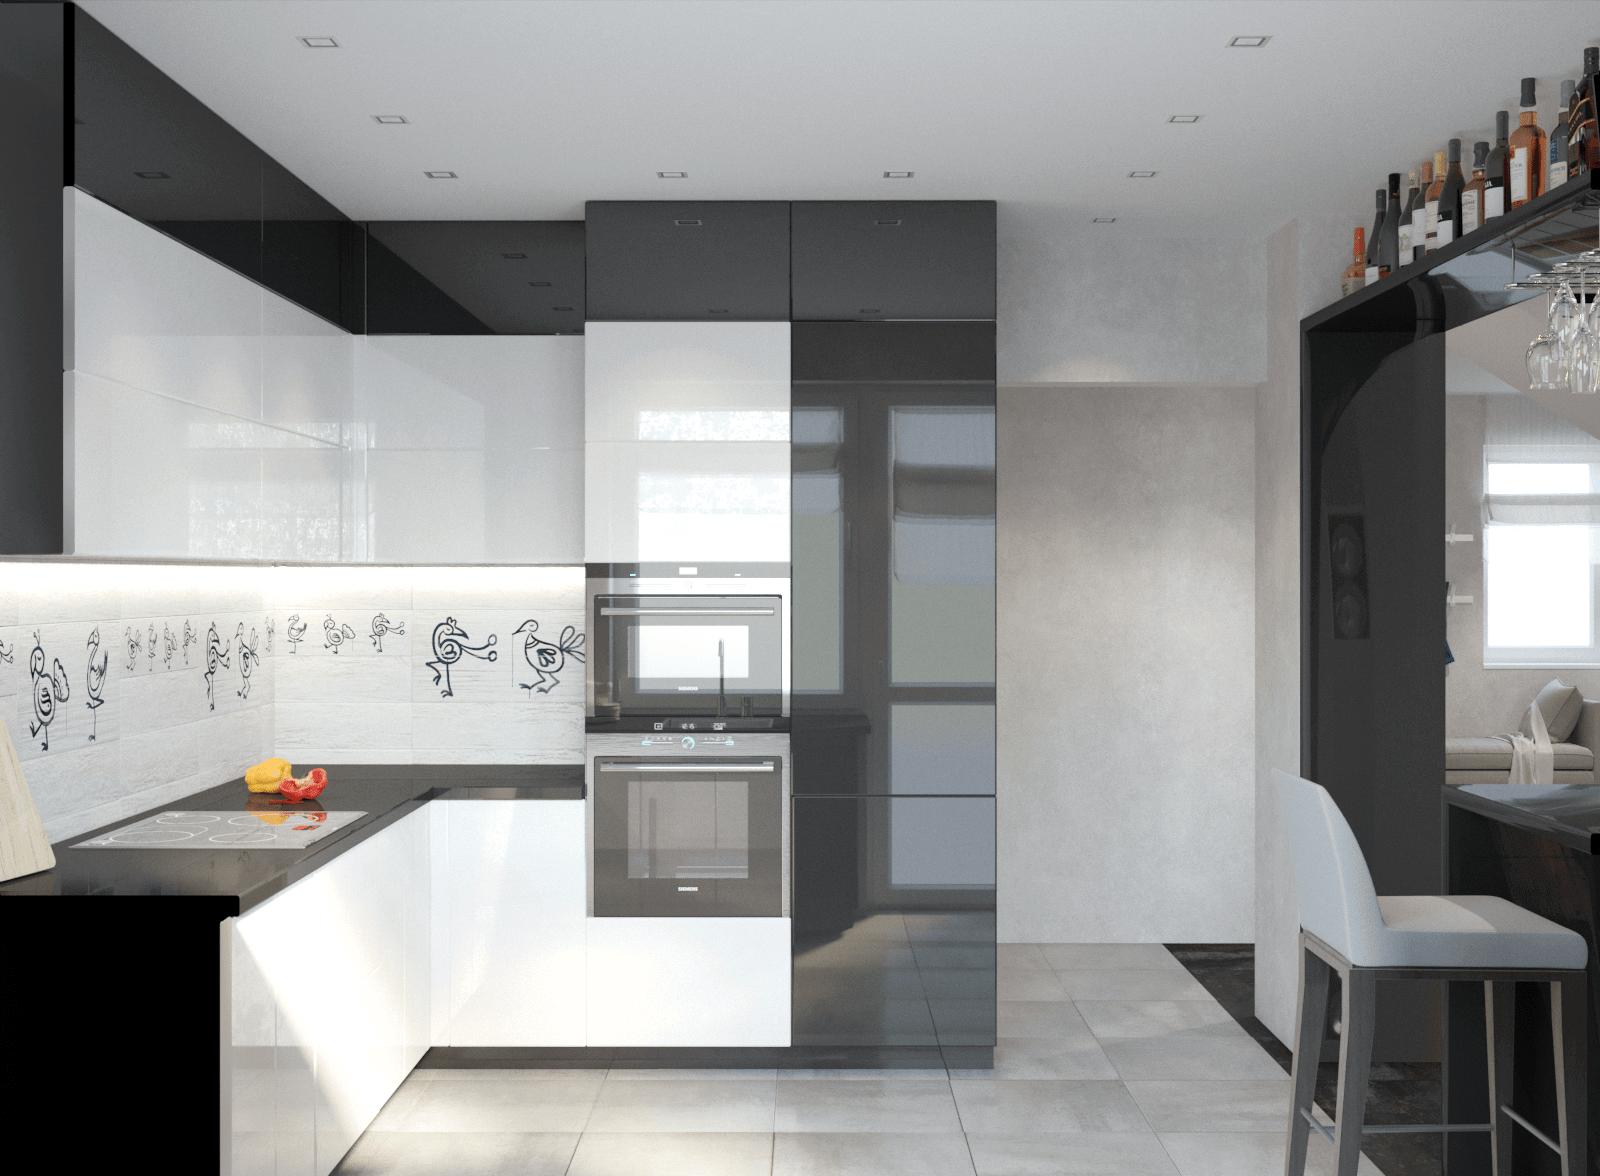 Большая кухня в доме в чёрно-белом цвете